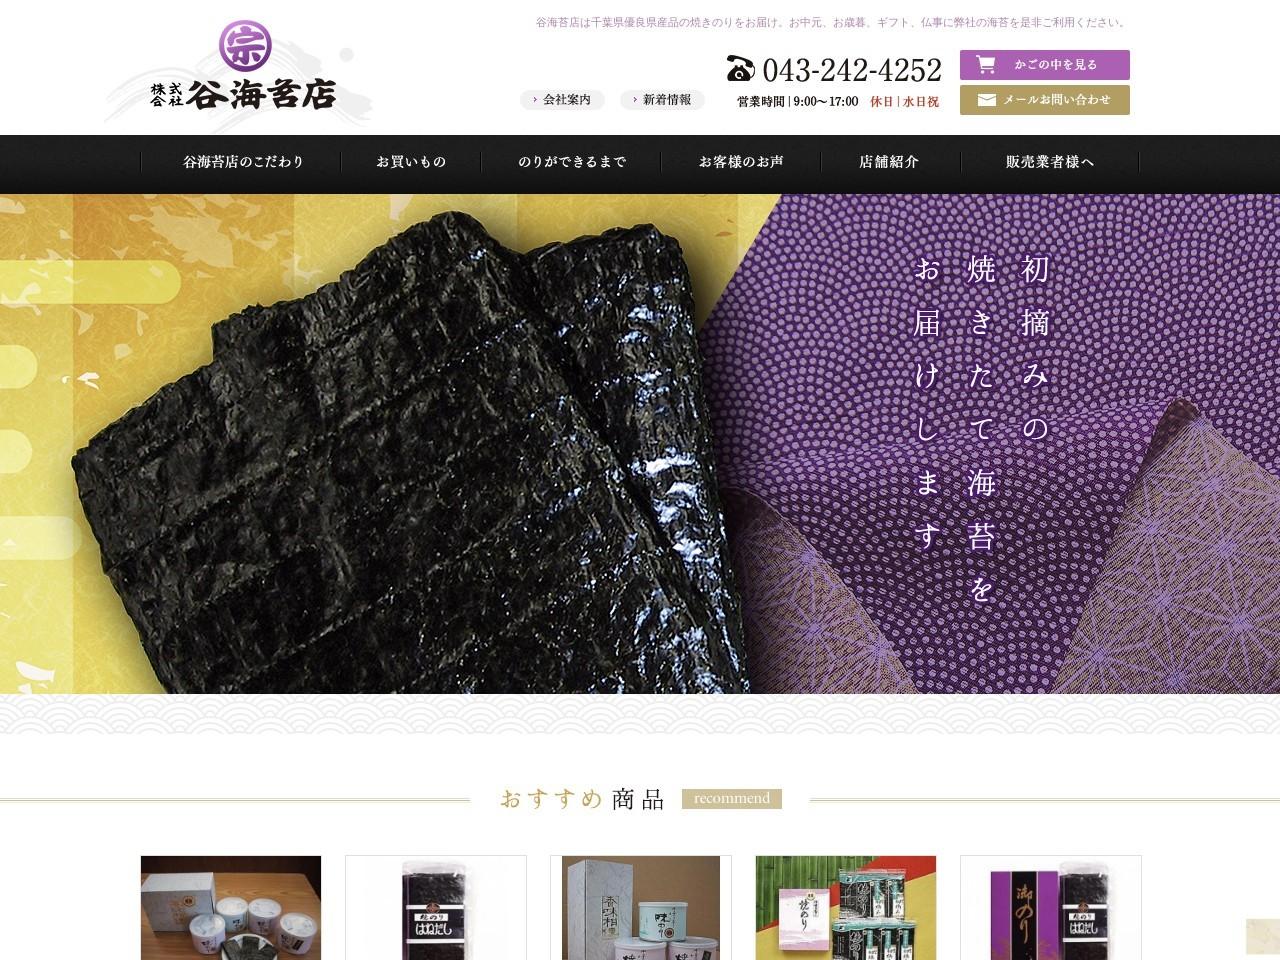 千葉県優良県産品の焼きのり谷海苔店。お歳暮、お中元、ギフト、仏事にどうぞ。